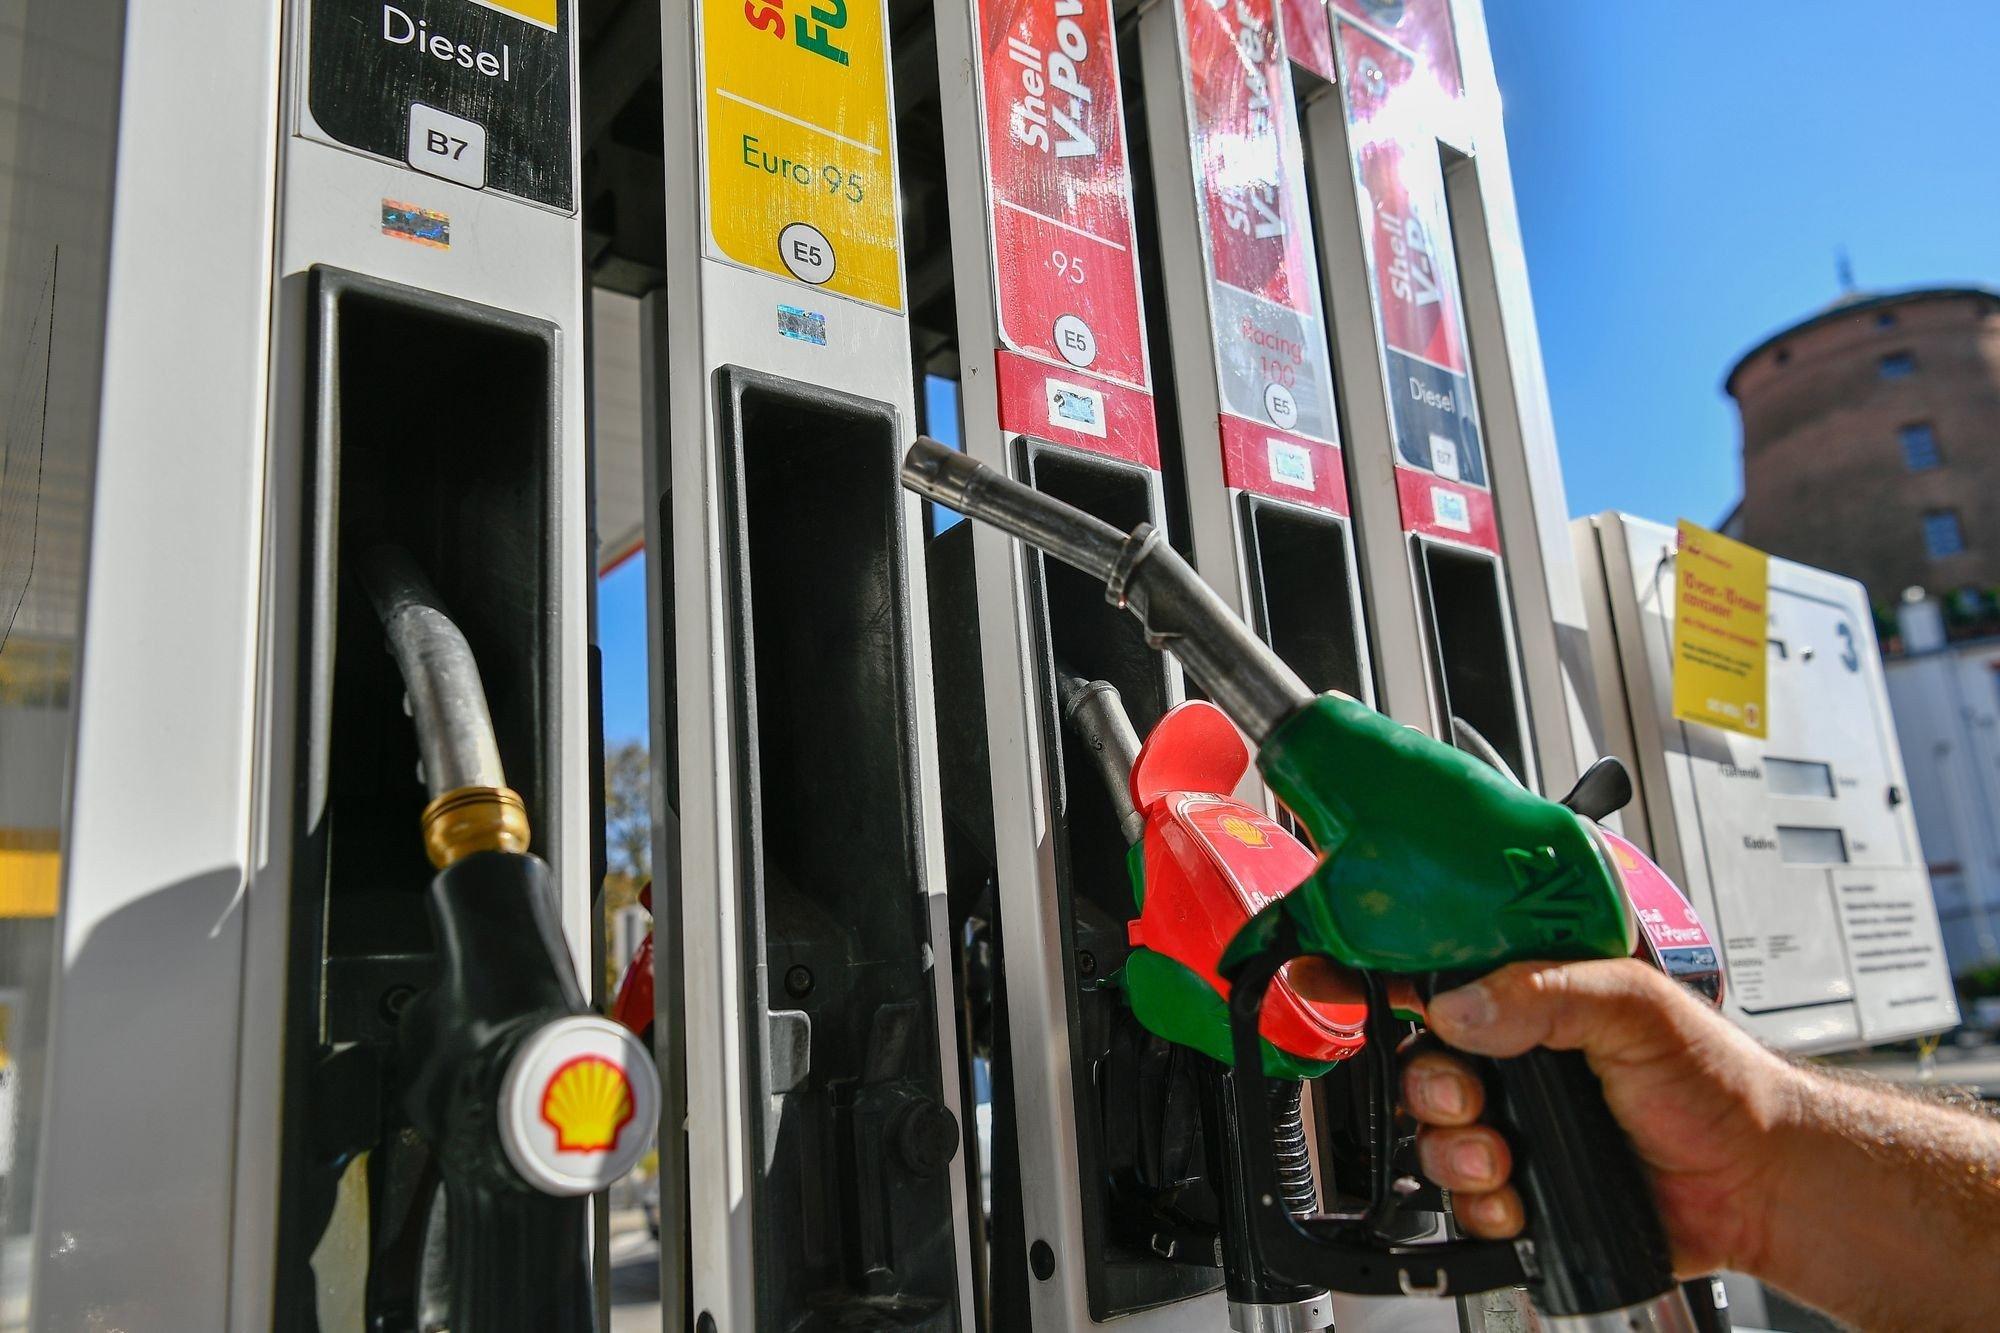 Bevezették az egységes üzemanyag-jelölő címkéket a benzinkutakon